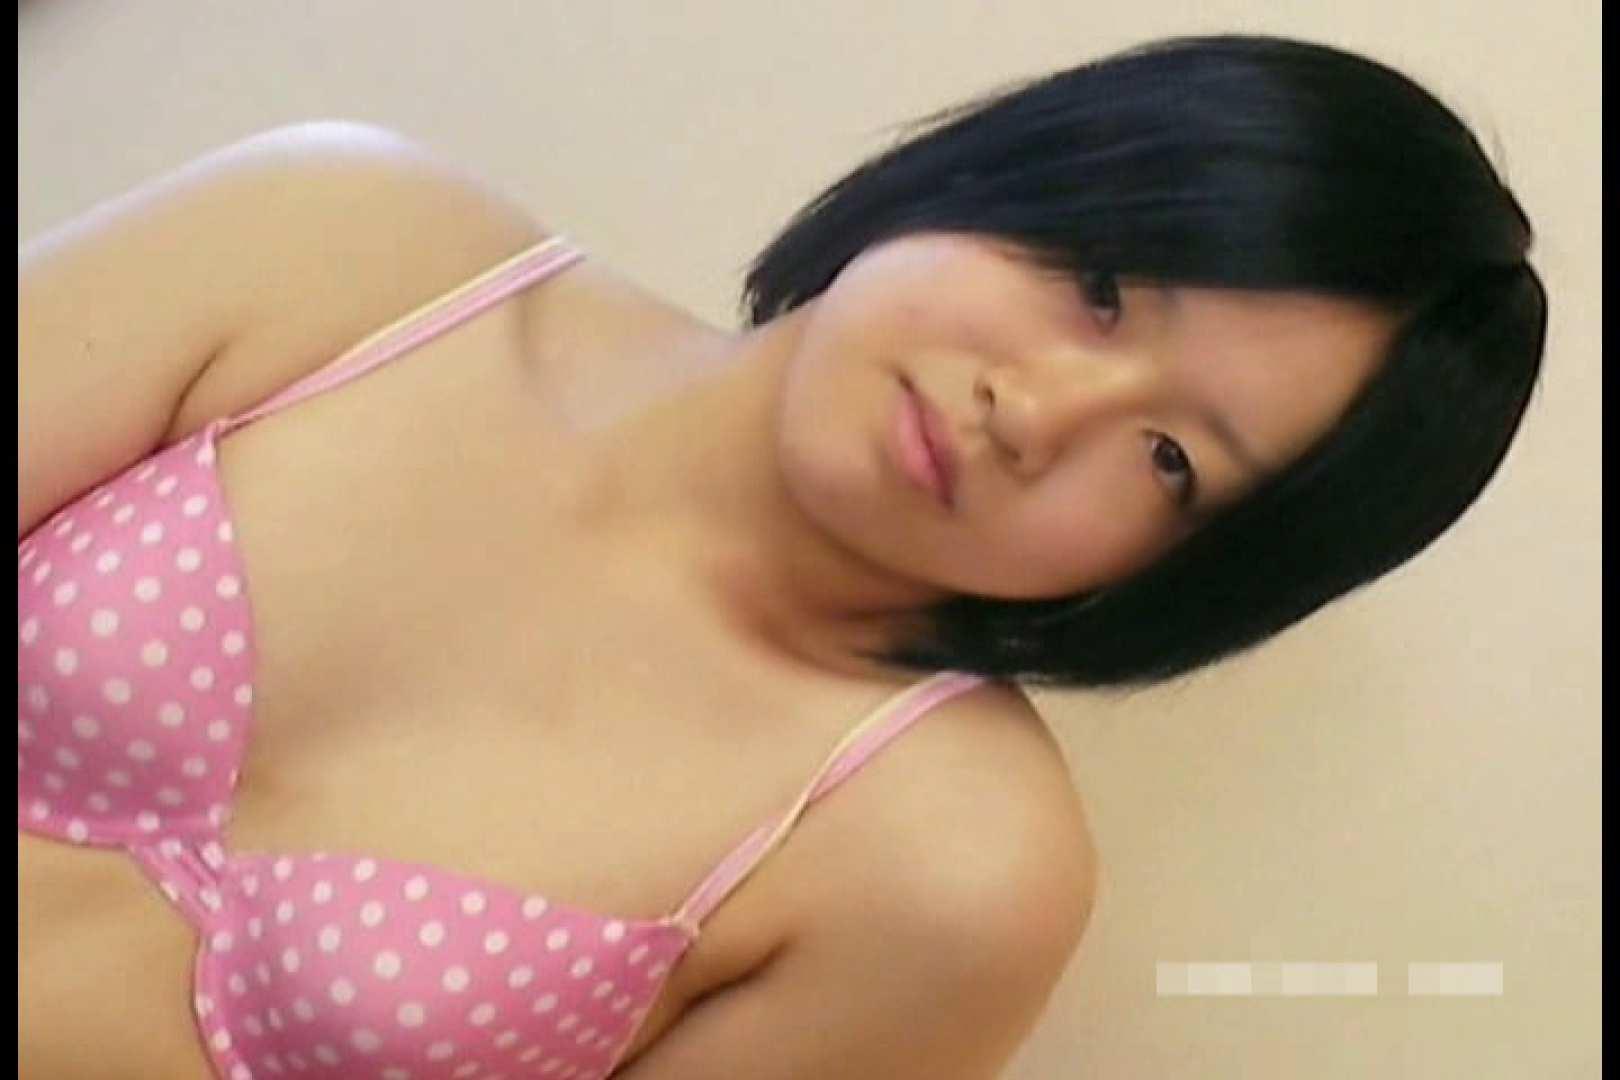 素人撮影 下着だけの撮影のはずが・・・みゆき18歳 おっぱい特集 エロ画像 65pic 16